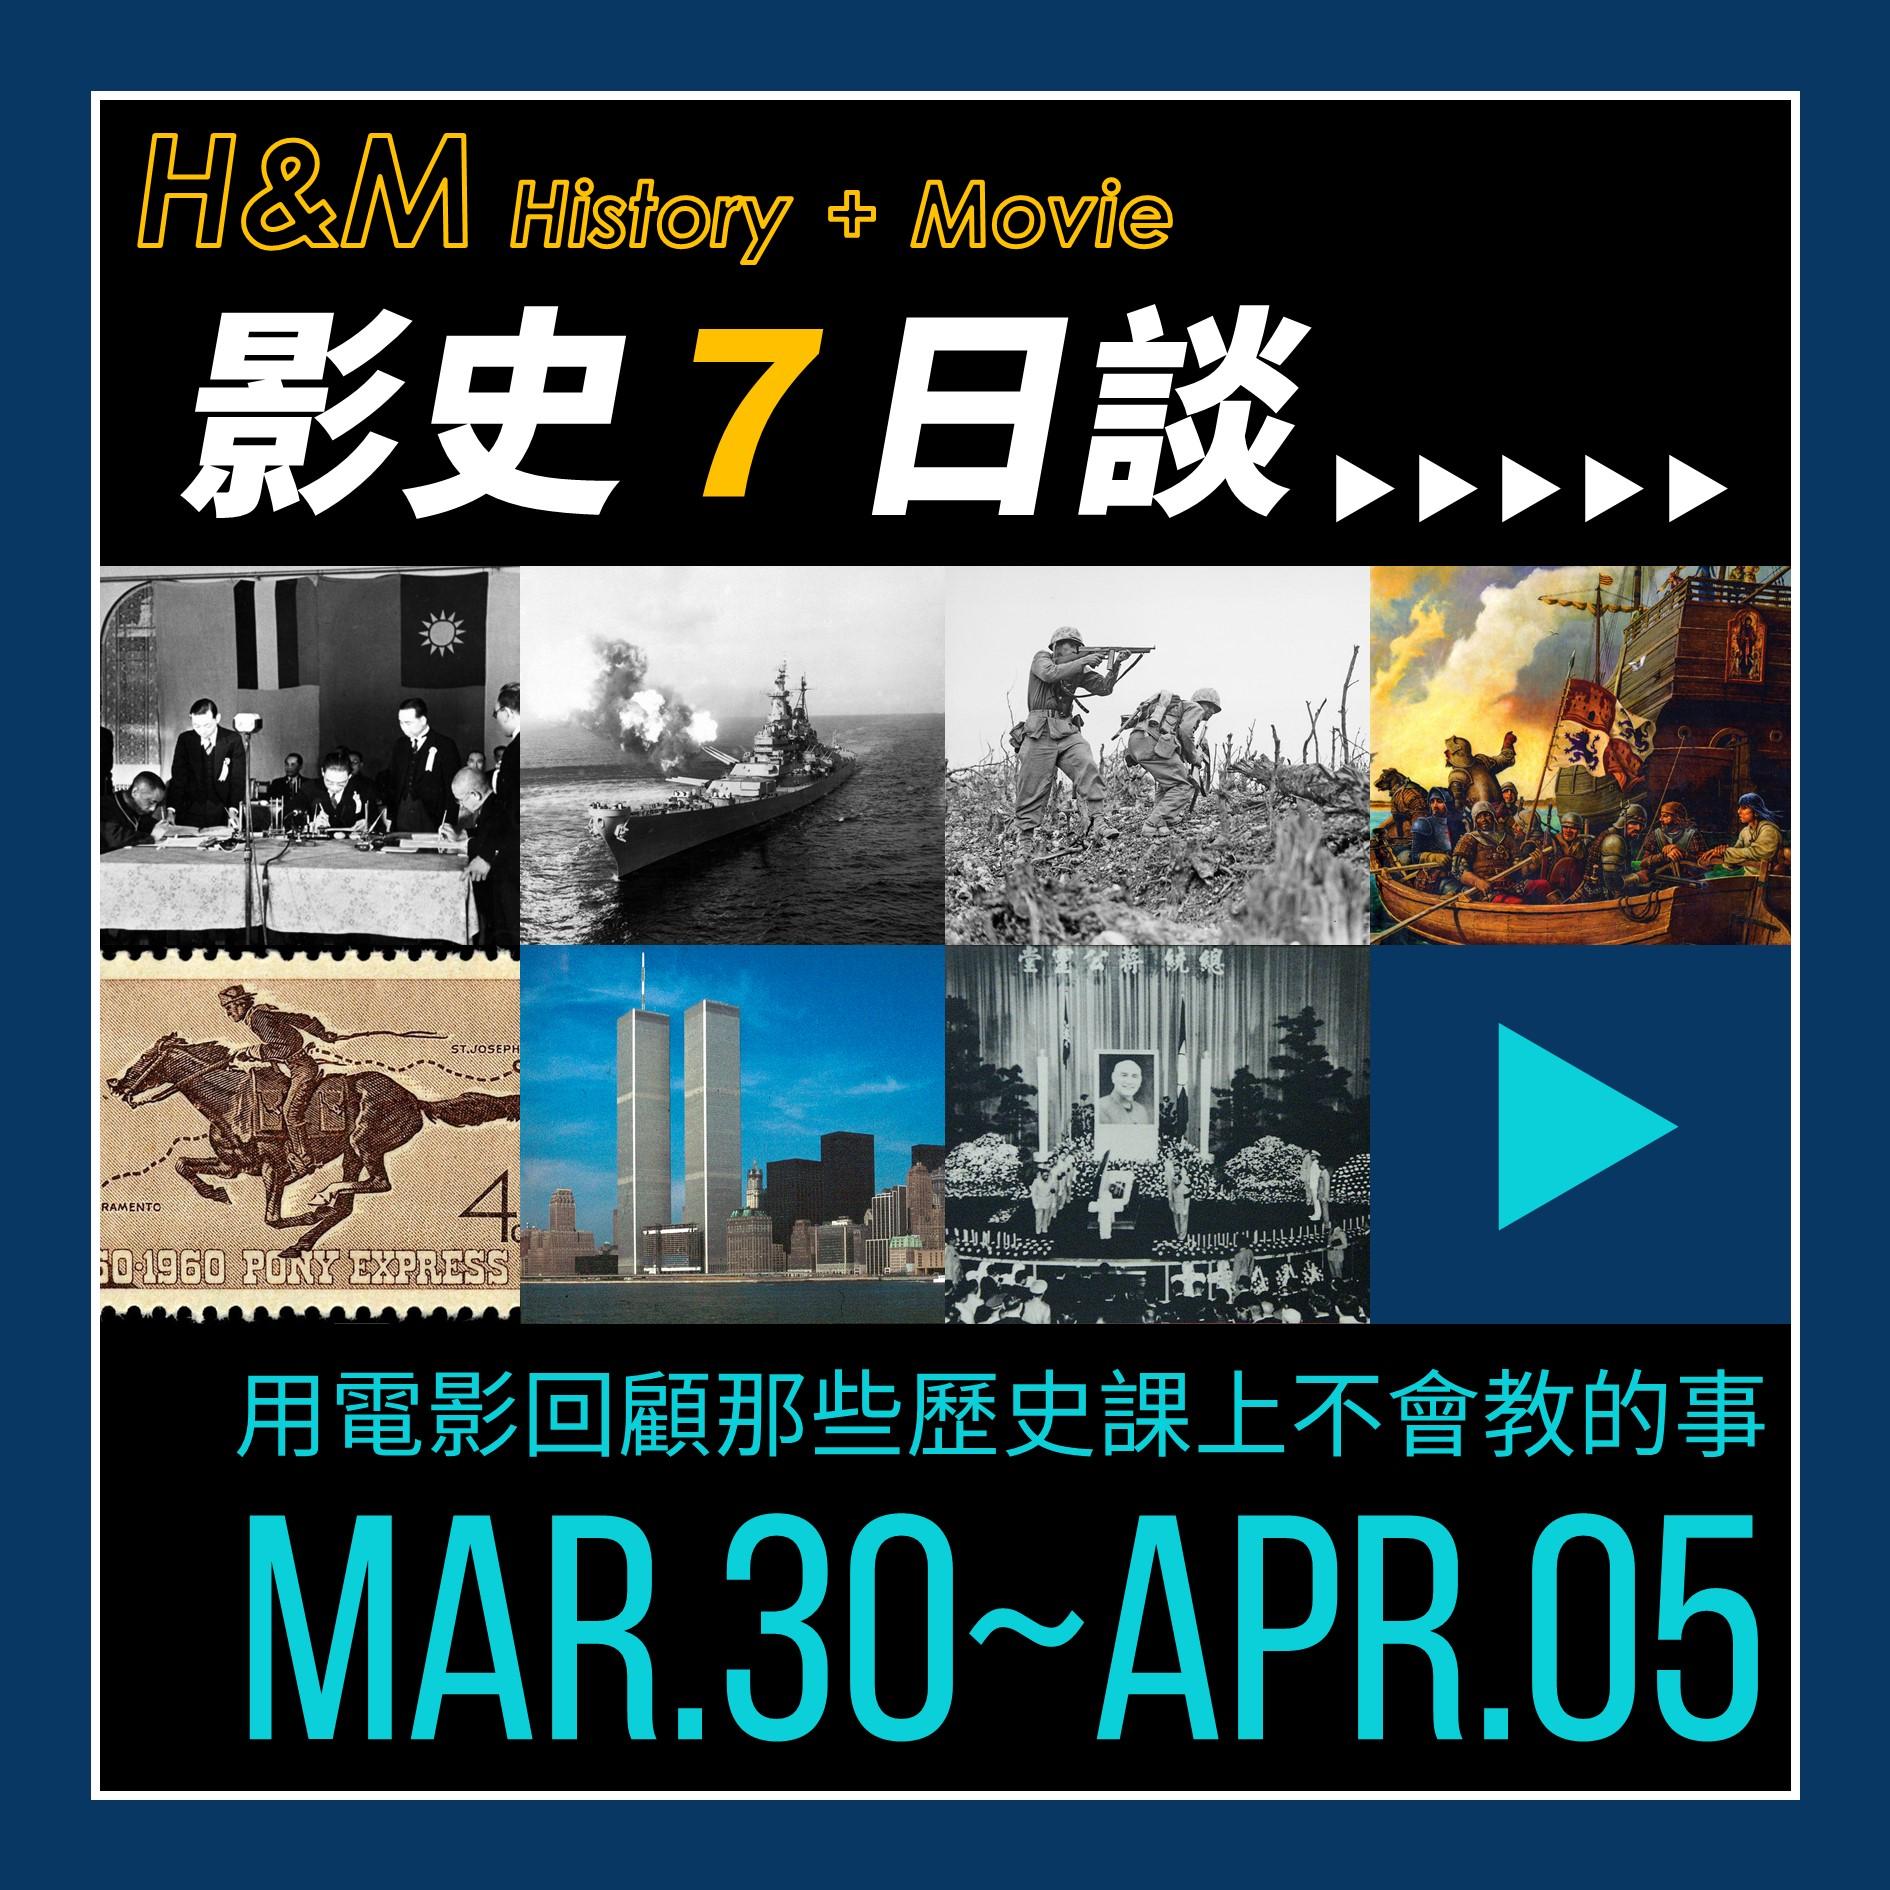 【影史7日談】EP. 3 用電影回顧那些歷史課不會教的事 - 3/30~4/05 | 汪精衛政權、密蘇里號除役、沖繩島戰役、青春之泉、小馬快遞、世貿中心、蔣介石逝世 | XXY + 金老ㄕ